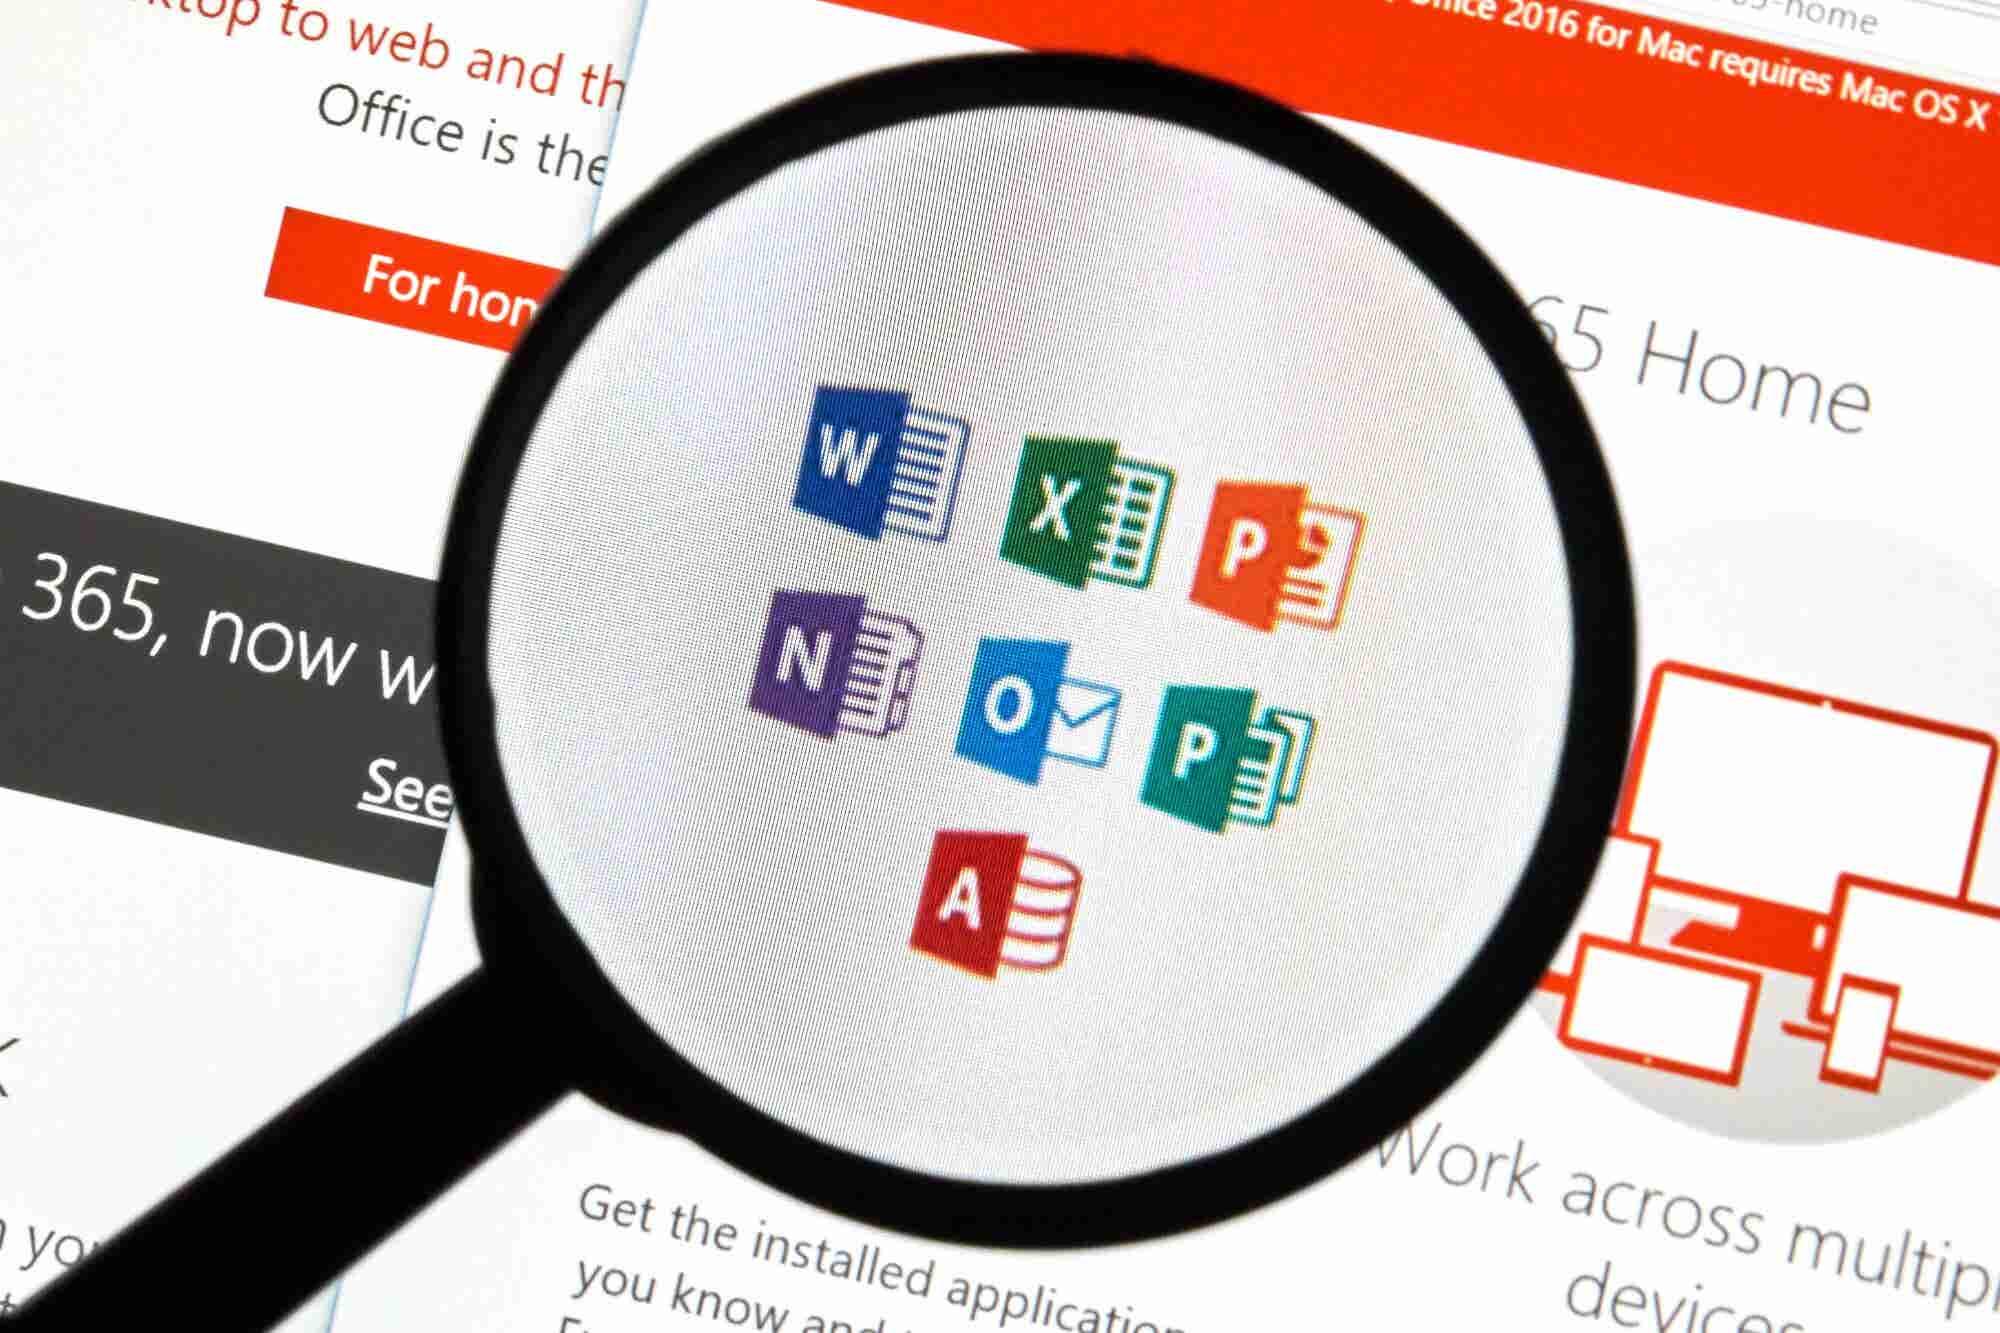 ¡Conviértete en un experto en Office con estos 34 cursos gratuitos!